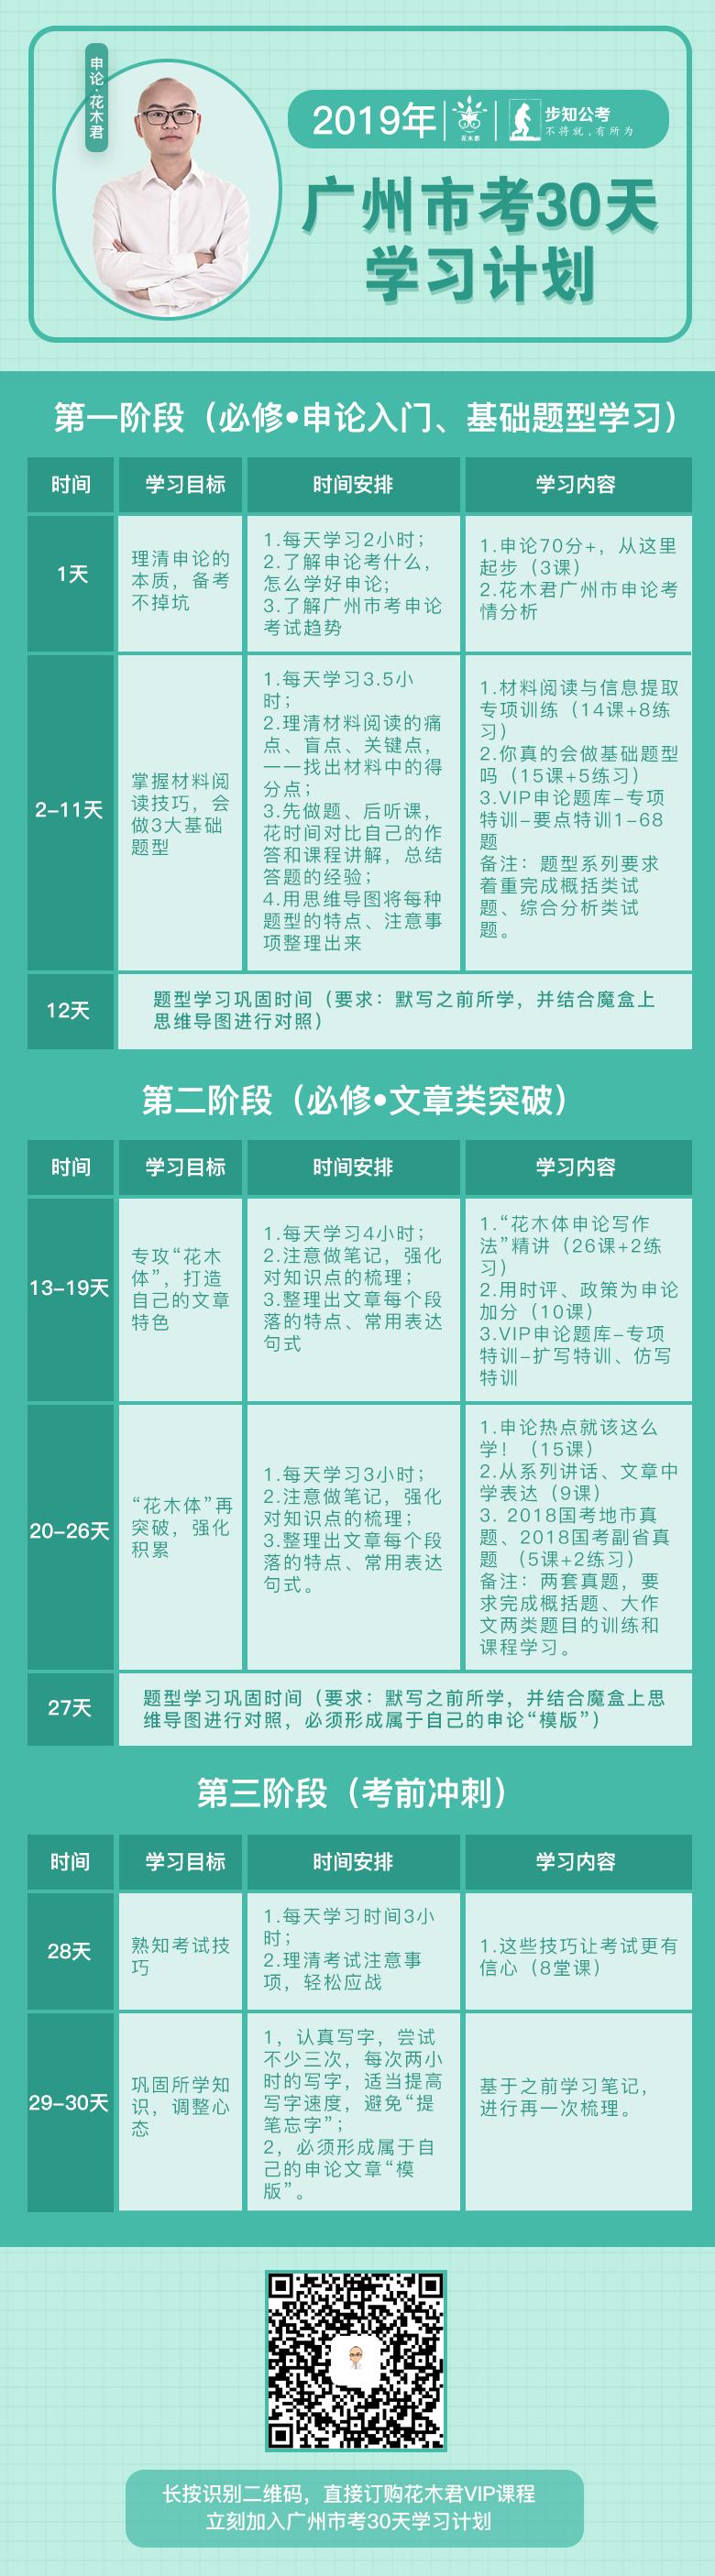 申论花木君2019年广州市考30天学习计划.png